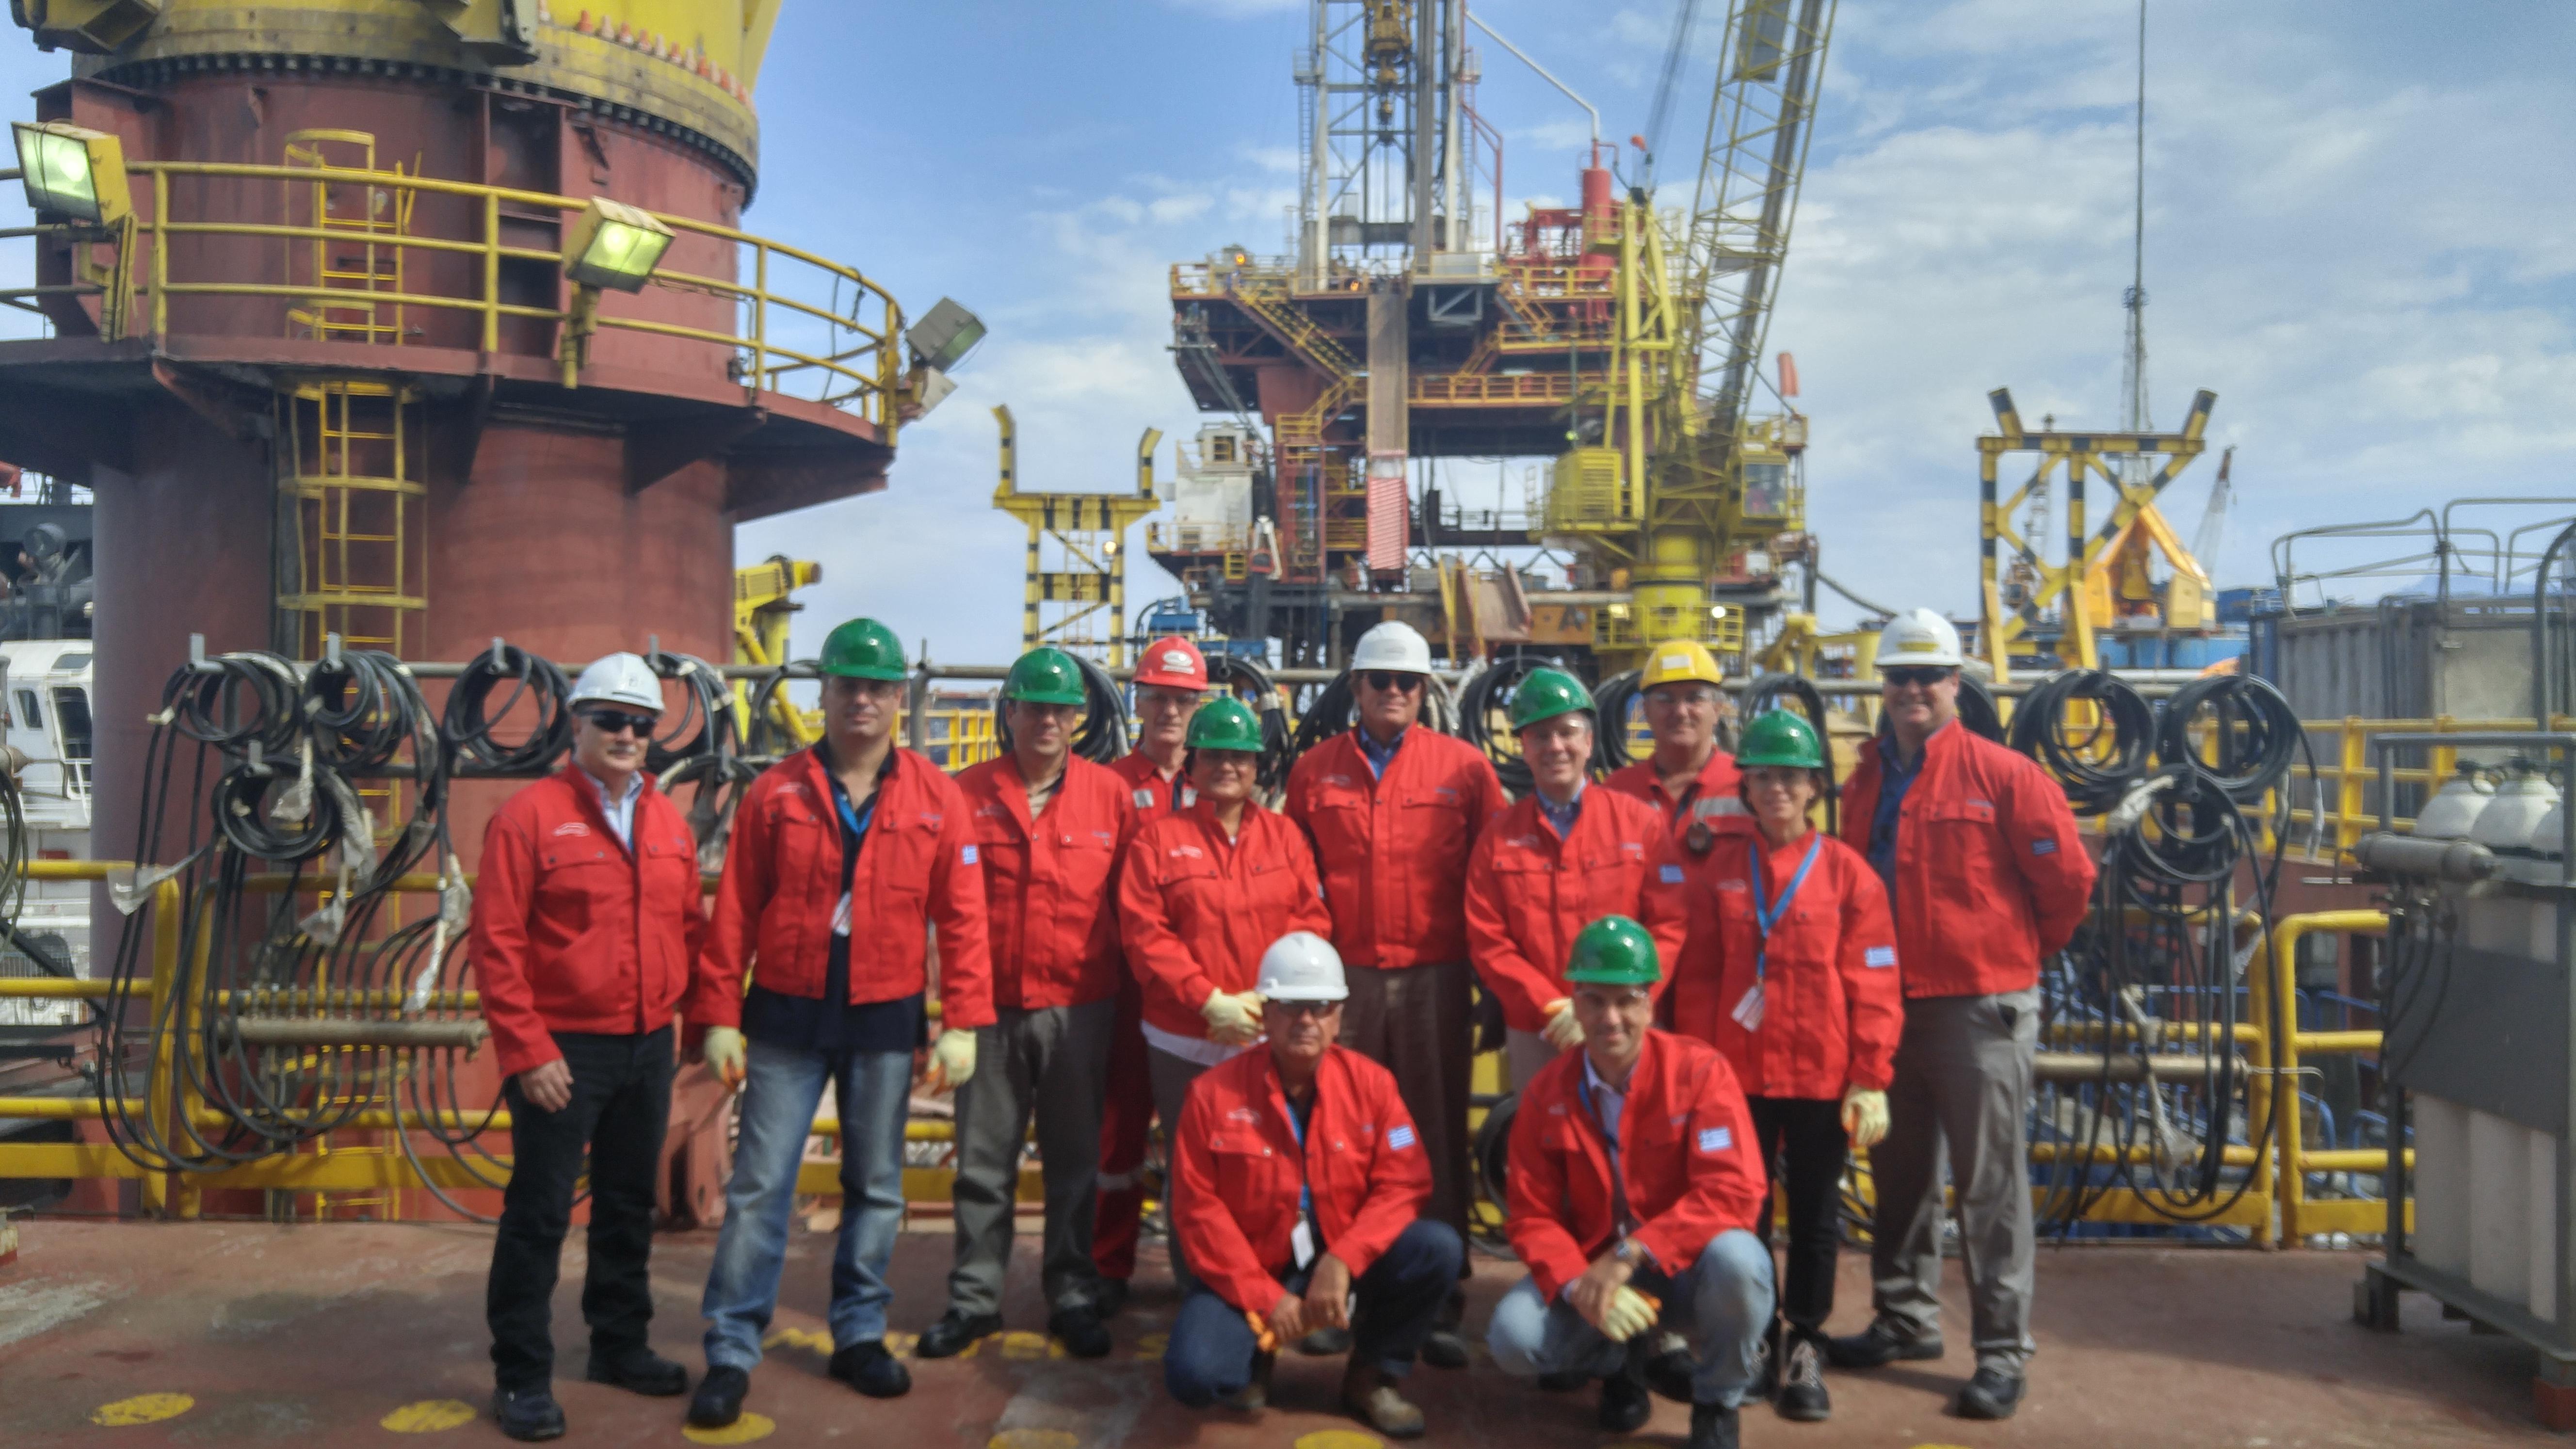 Επίσκεψη Αμερικανών διπλωματών στις εγκαταστάσεις της Energean στον Πρίνο